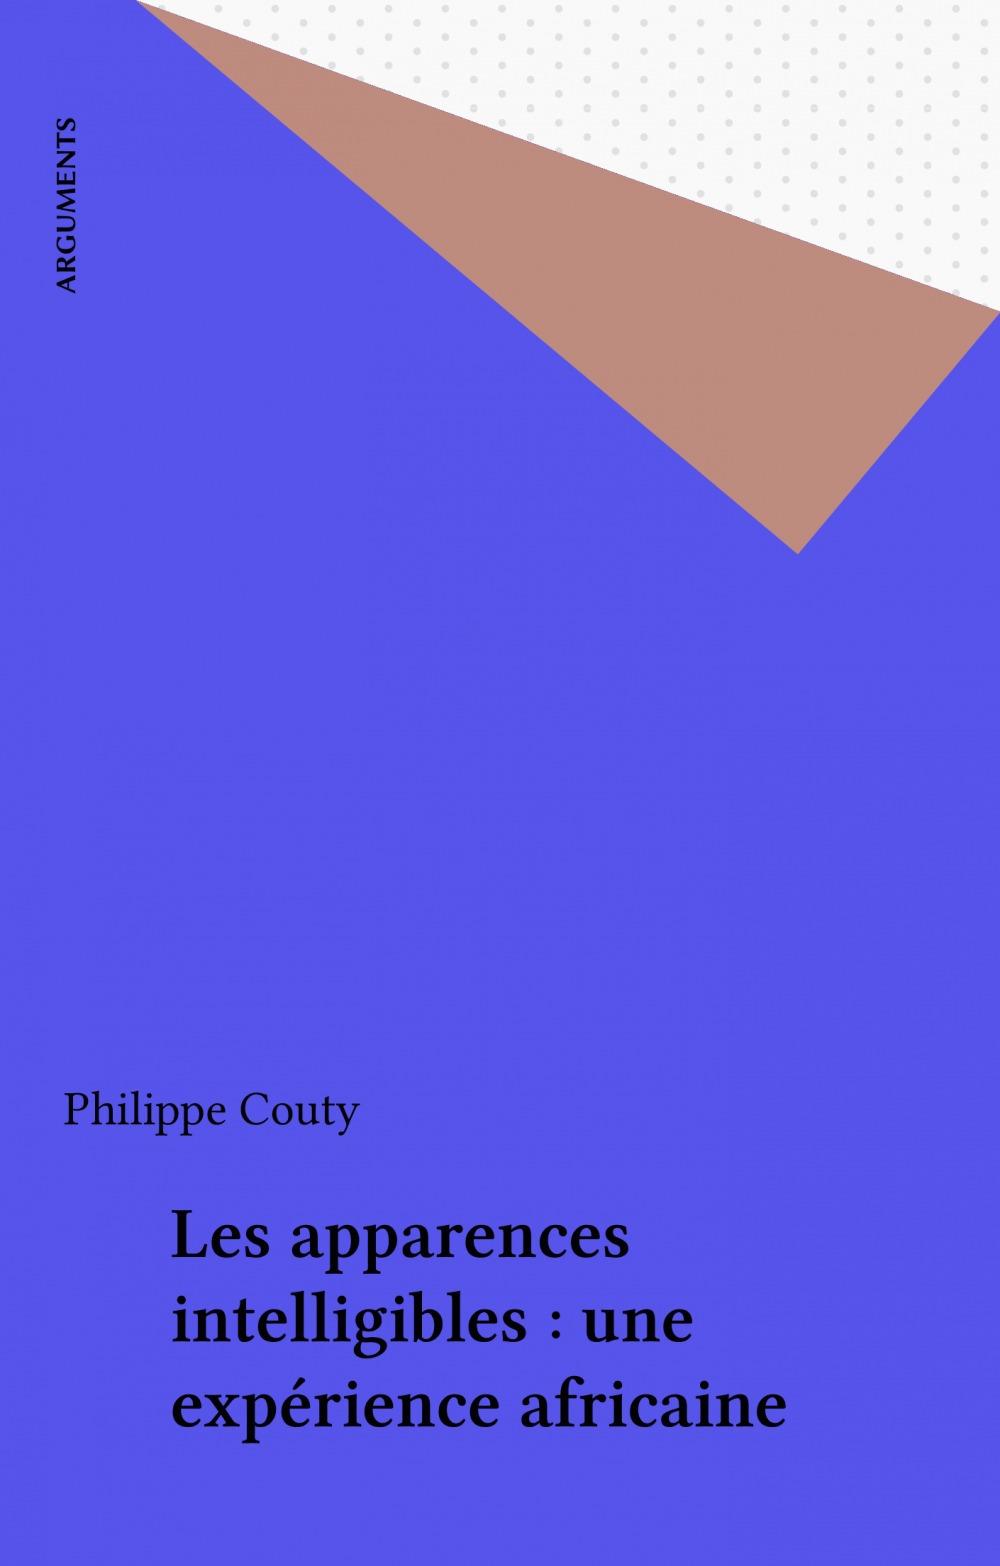 Les apparences intelligibles. une experience d'economiste en afrique